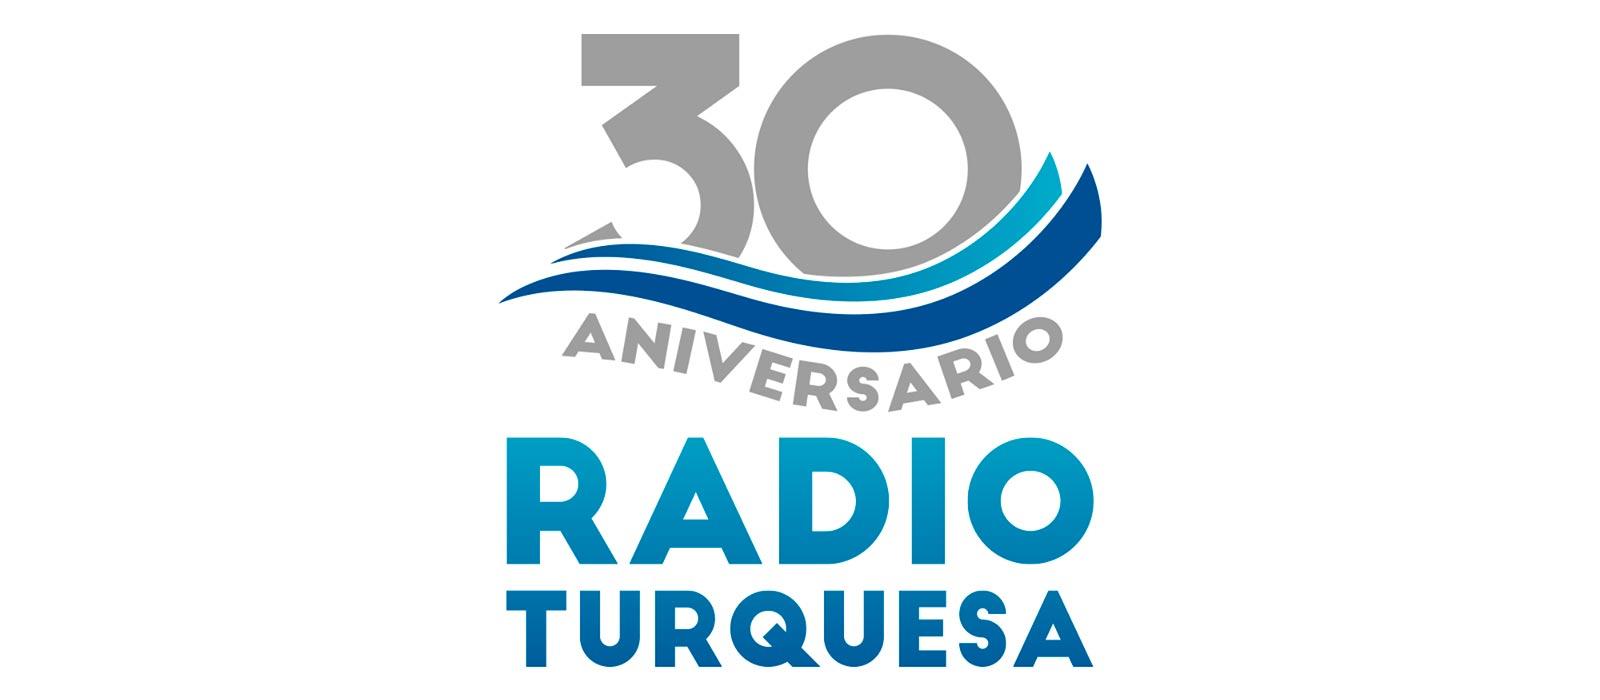 Resultado de imagen para radio turquesa